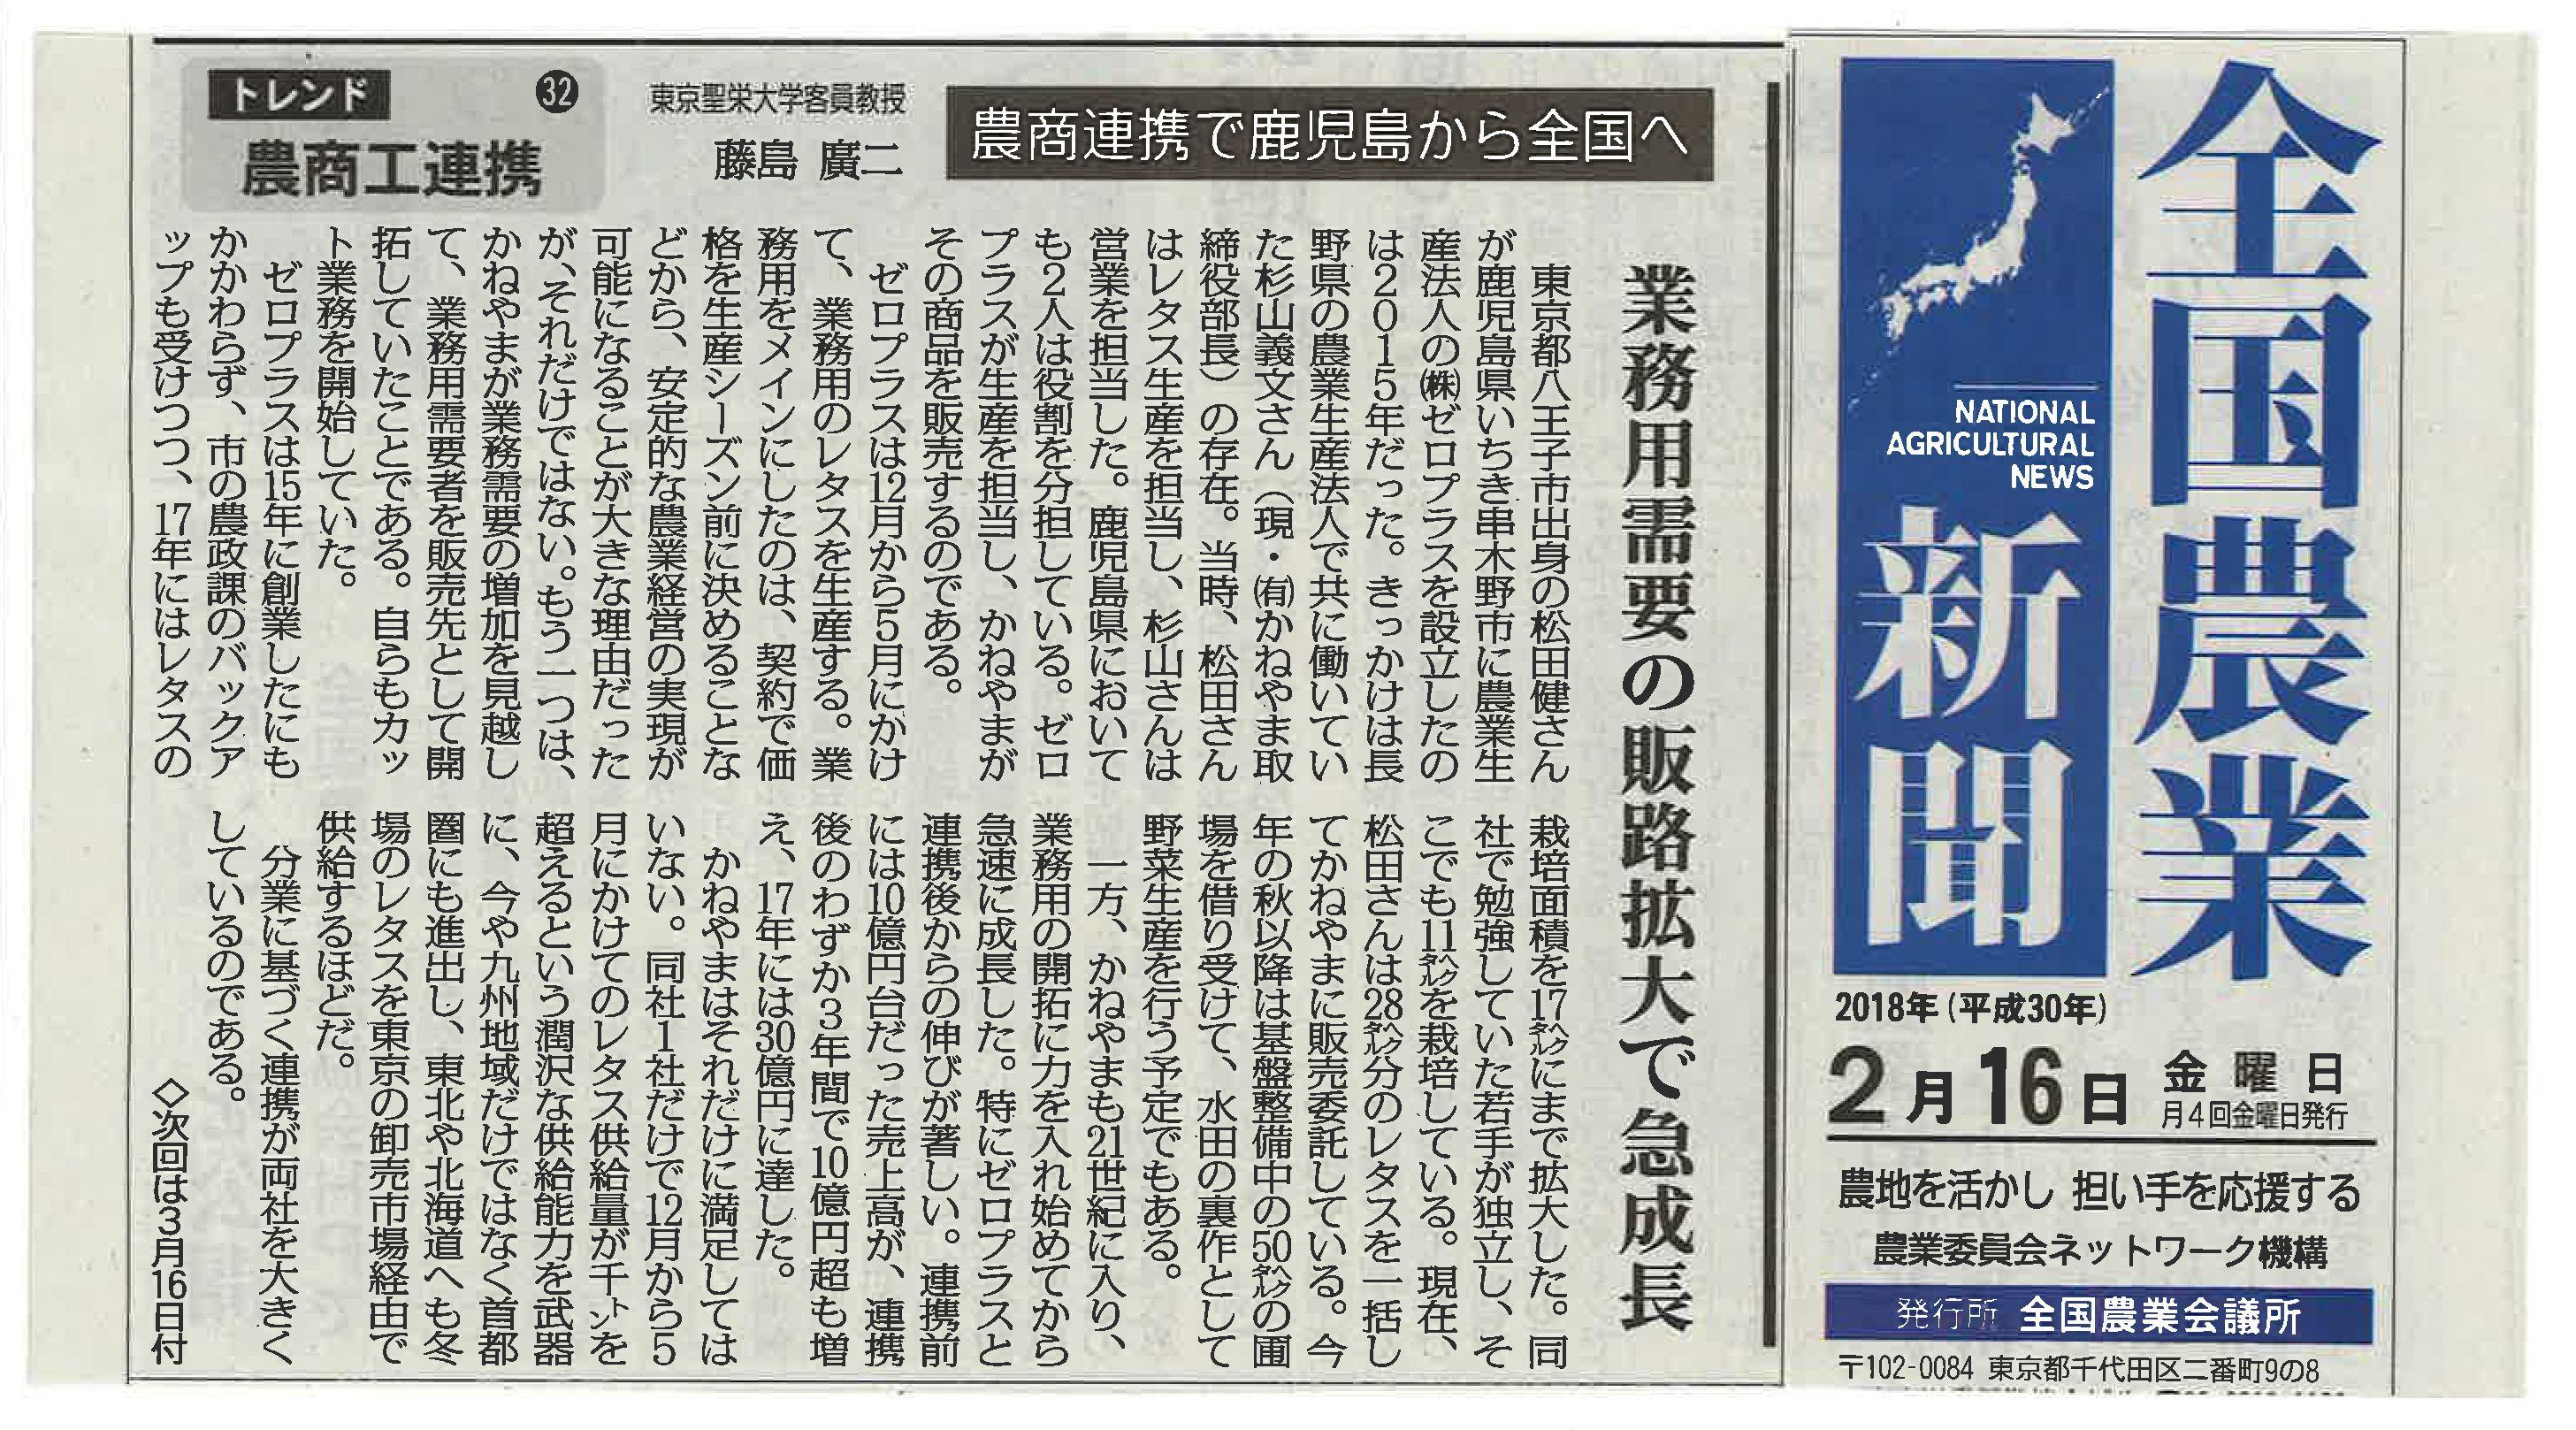 【メディア掲載】 全国農業新聞 2018年2月16日